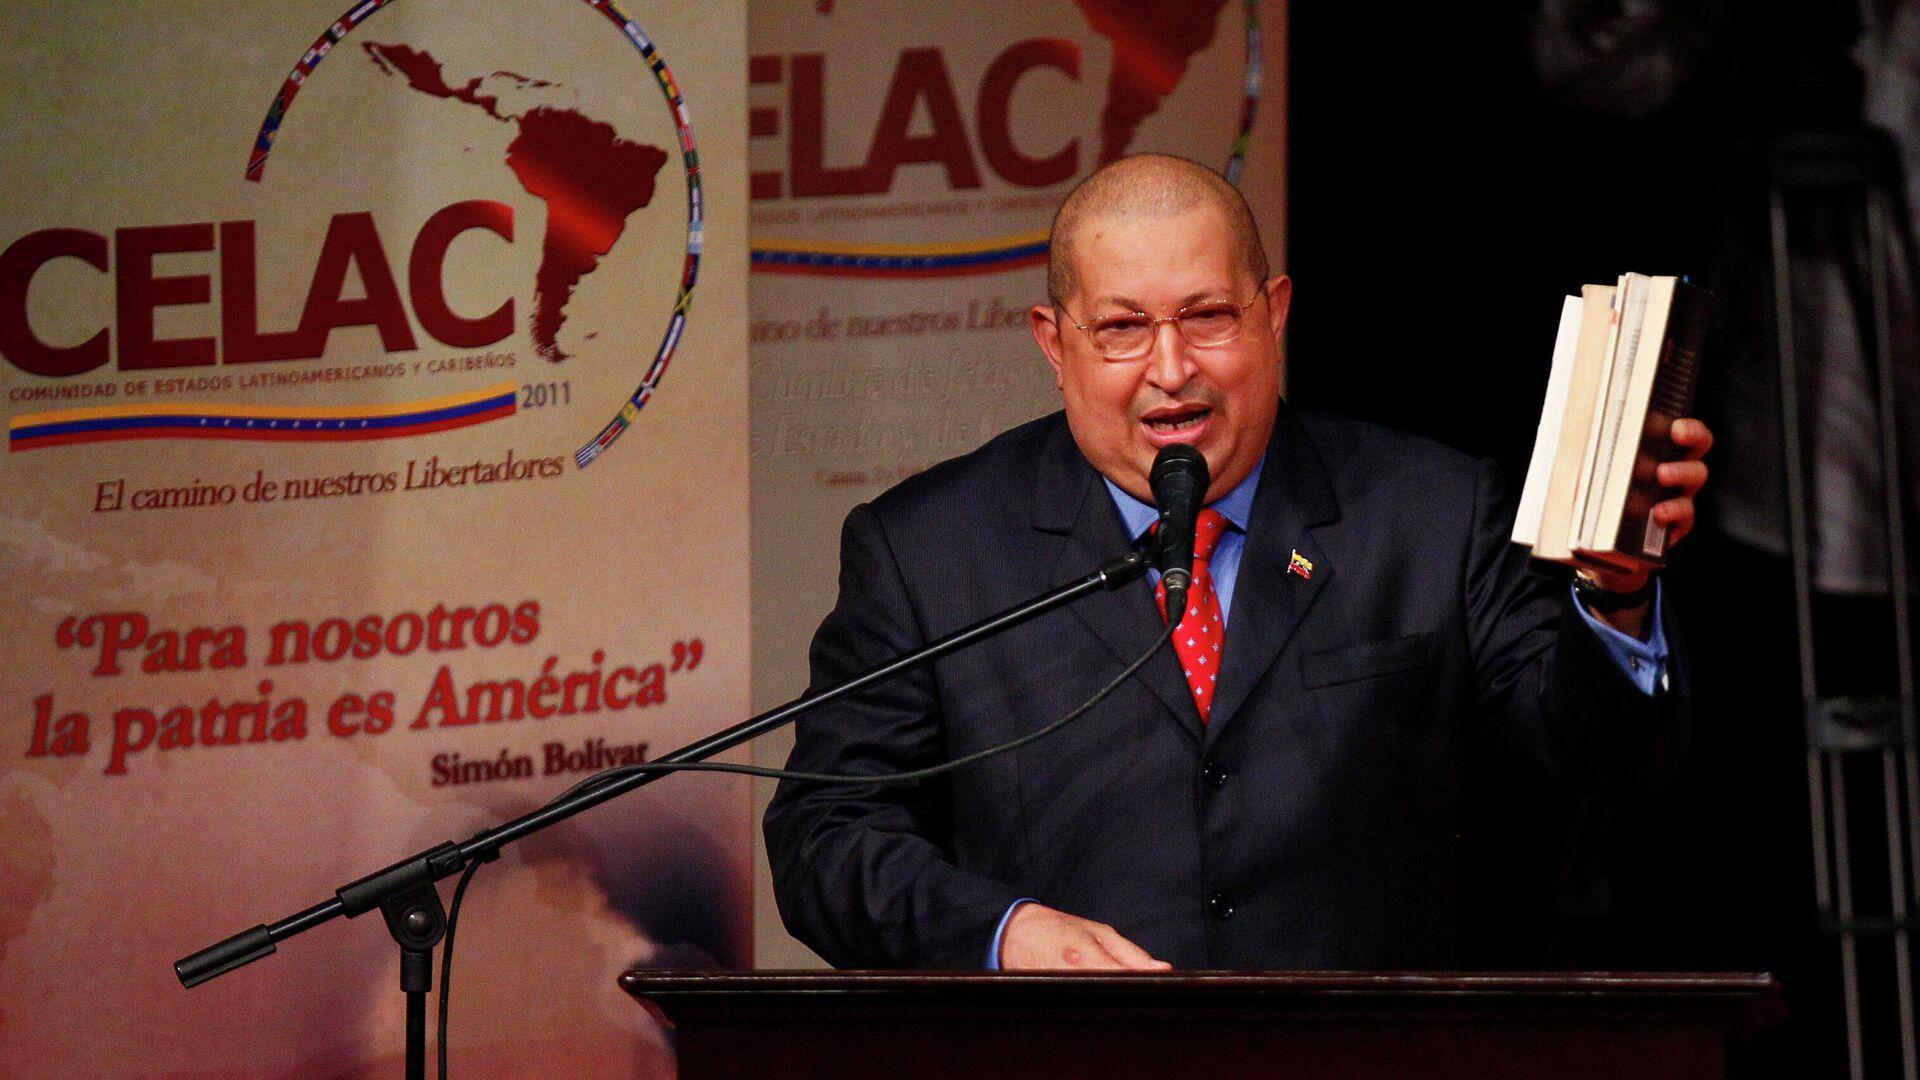 El entonces presidente de Venezuela, Hugo Chávez, durante la reunión de la Celac en Caracas en 2011 - Sputnik Mundo, 1920, 17.09.2021